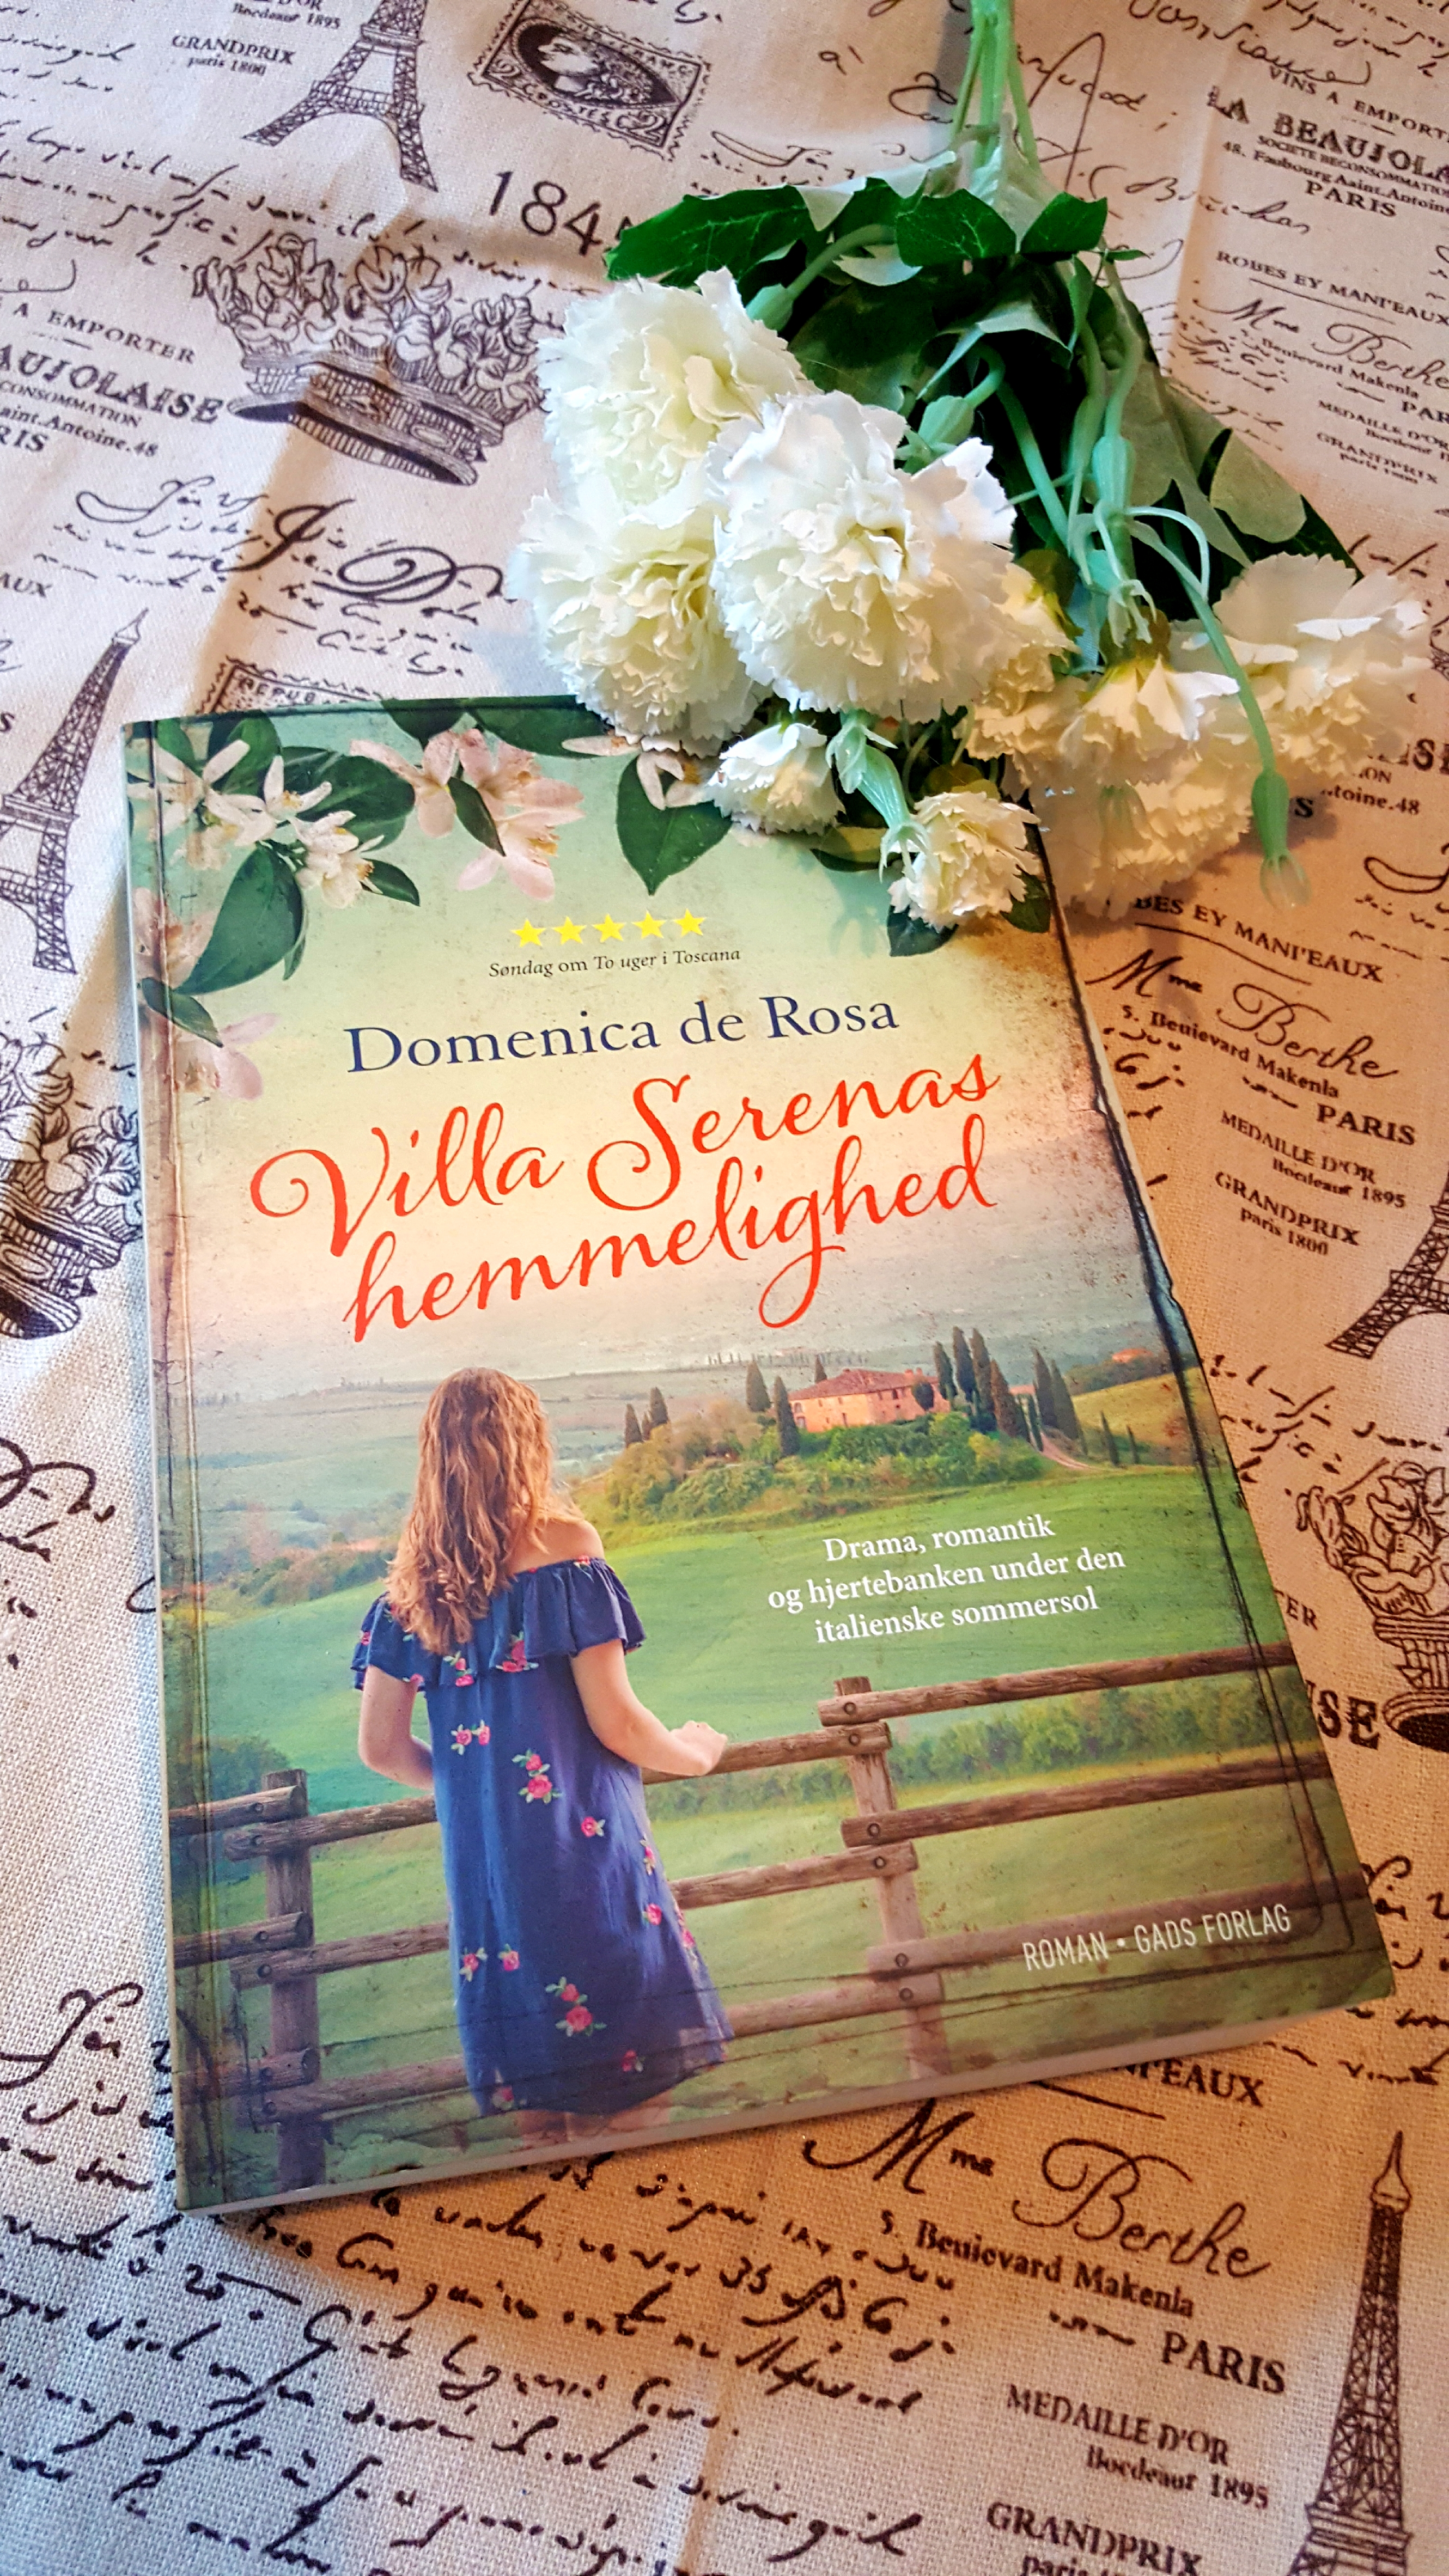 Villa Serenas hemmelighed af Domenica de Rosa